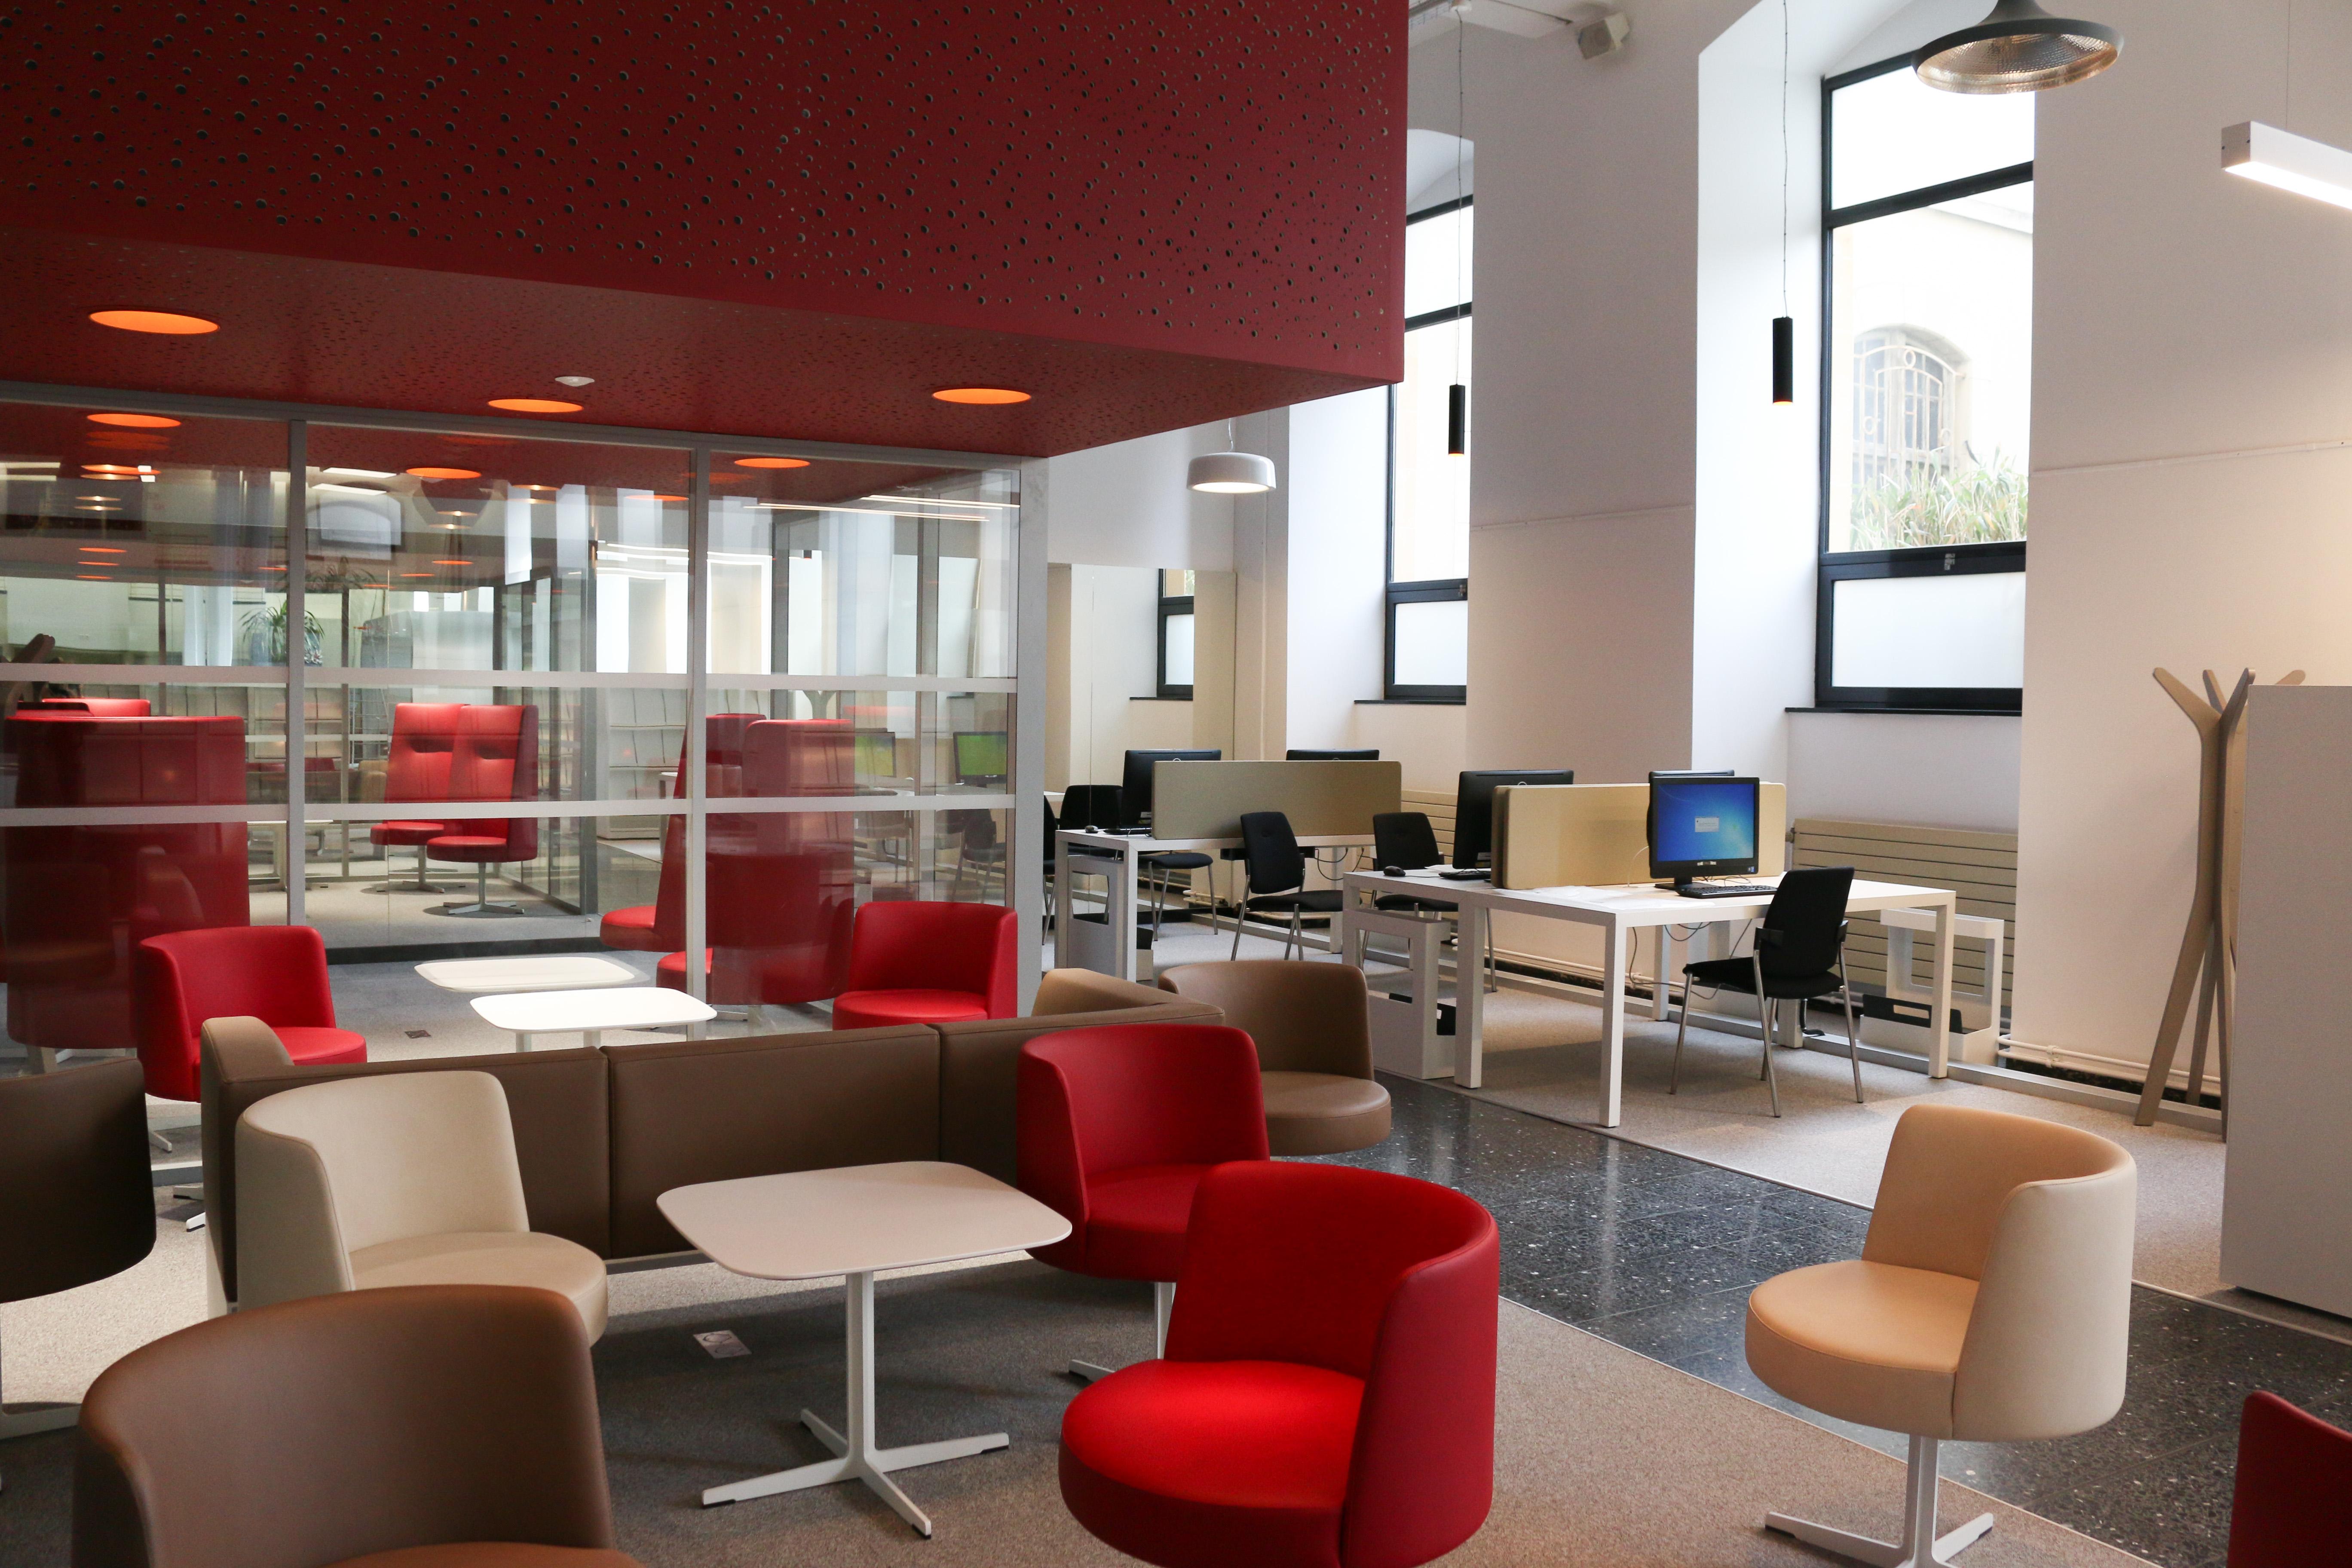 Médiathèque Manufacture : le salon du hall d'entrée